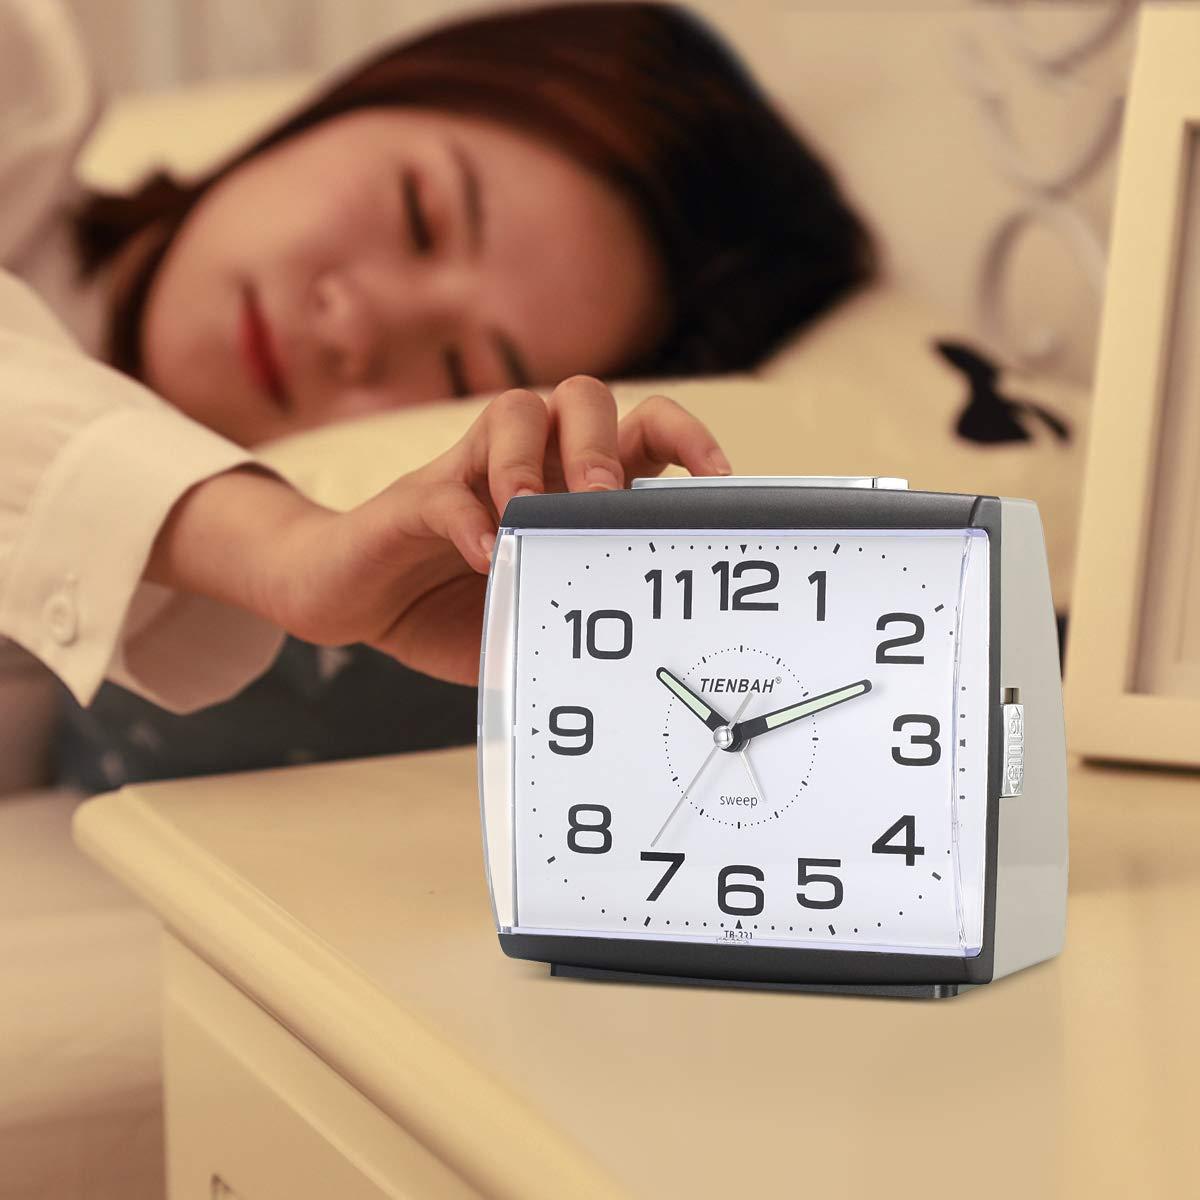 Blu Ayybboo Sveglia Analogica Sveglia da Comodino Sveglia al Quarzo Sveglia Silenziosa con Luce Senza Ticchettio Semplice Orologio Sveglia da Tavolo Snooze Sveglie per Bambini